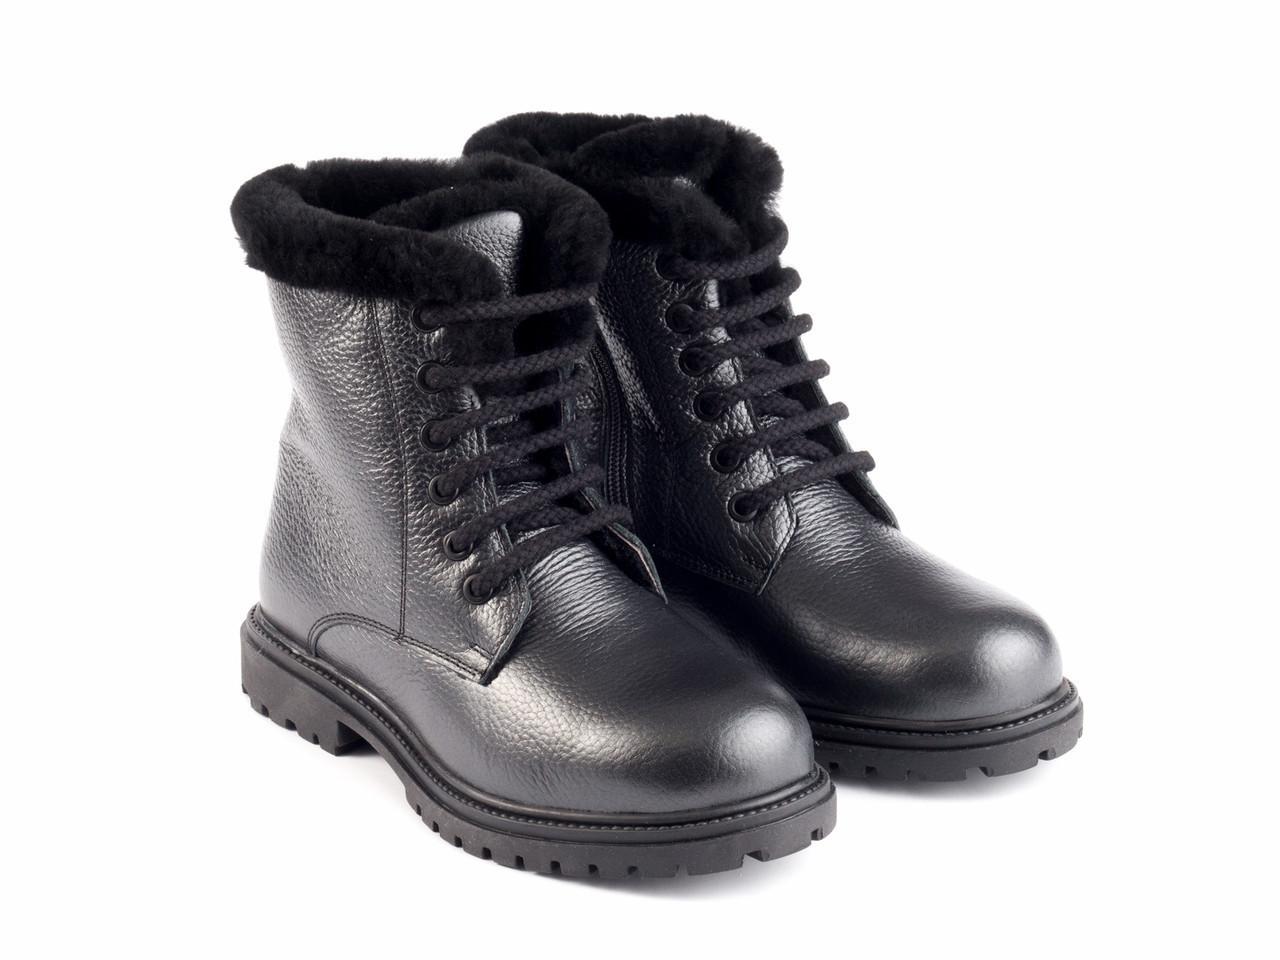 Ботинки Etor 6484-2298-14173 39 черные